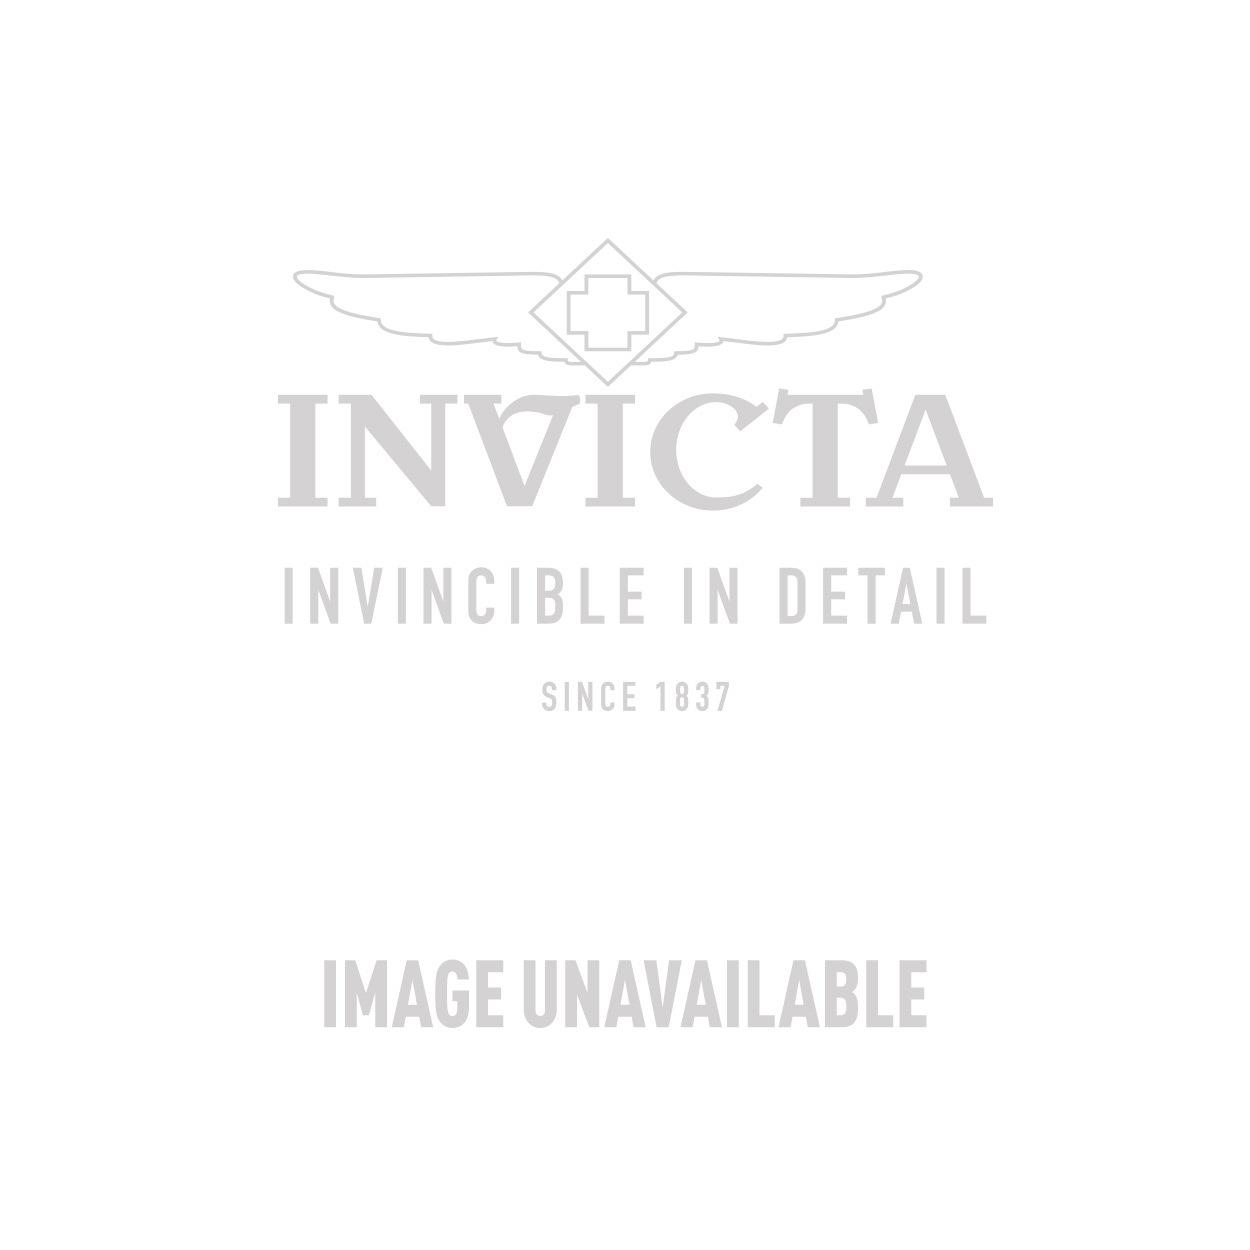 Invicta Model 27313